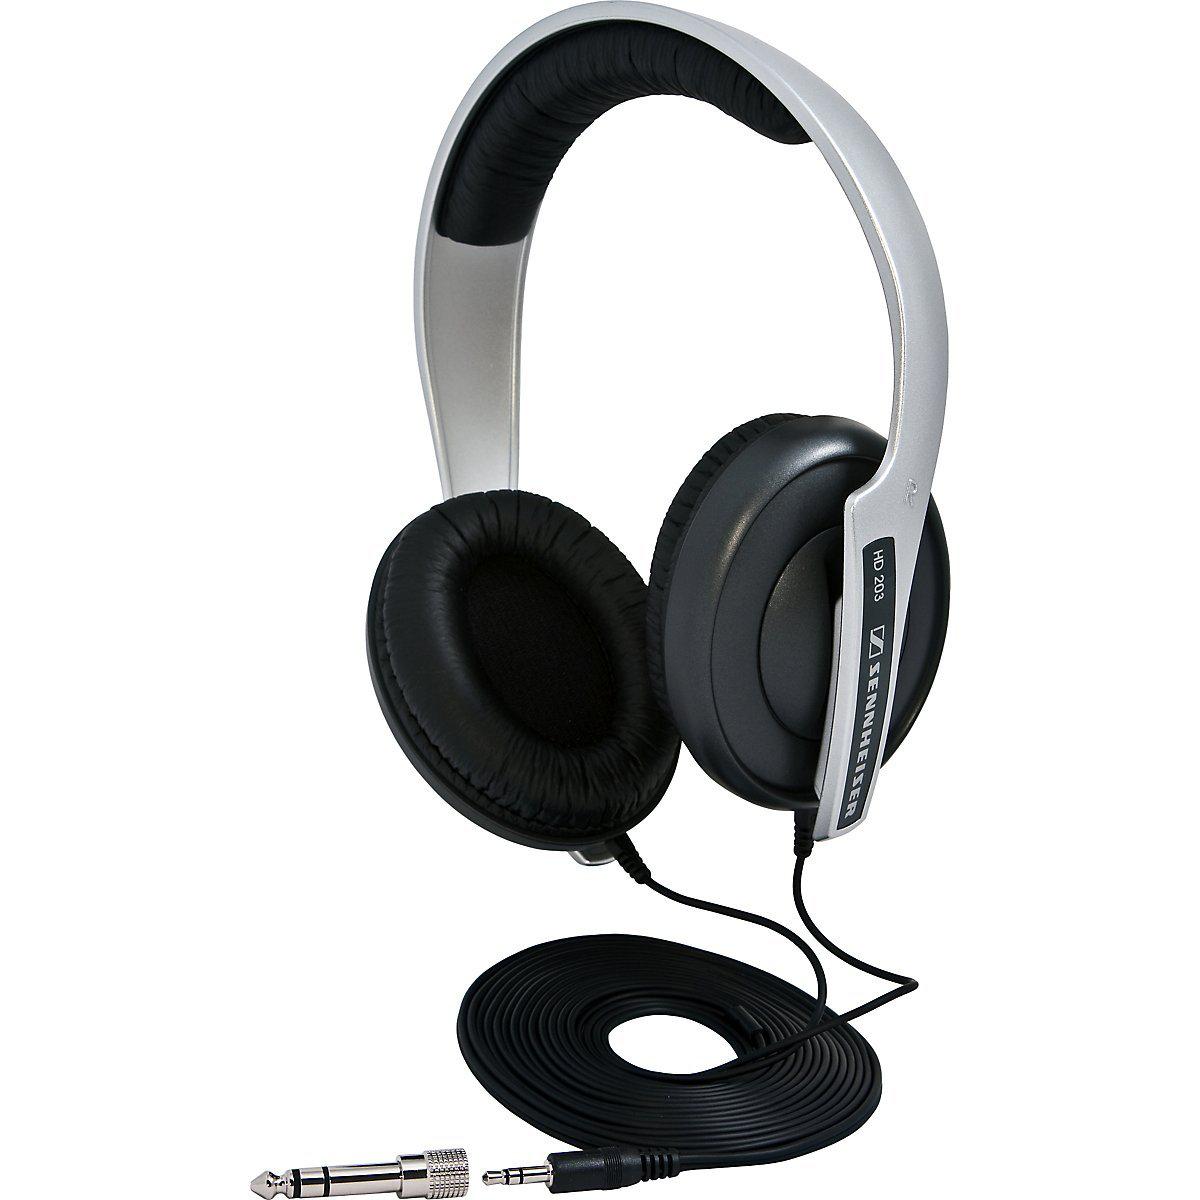 Casque audio DJ Sennheiser HD 203 supra-aural filaire